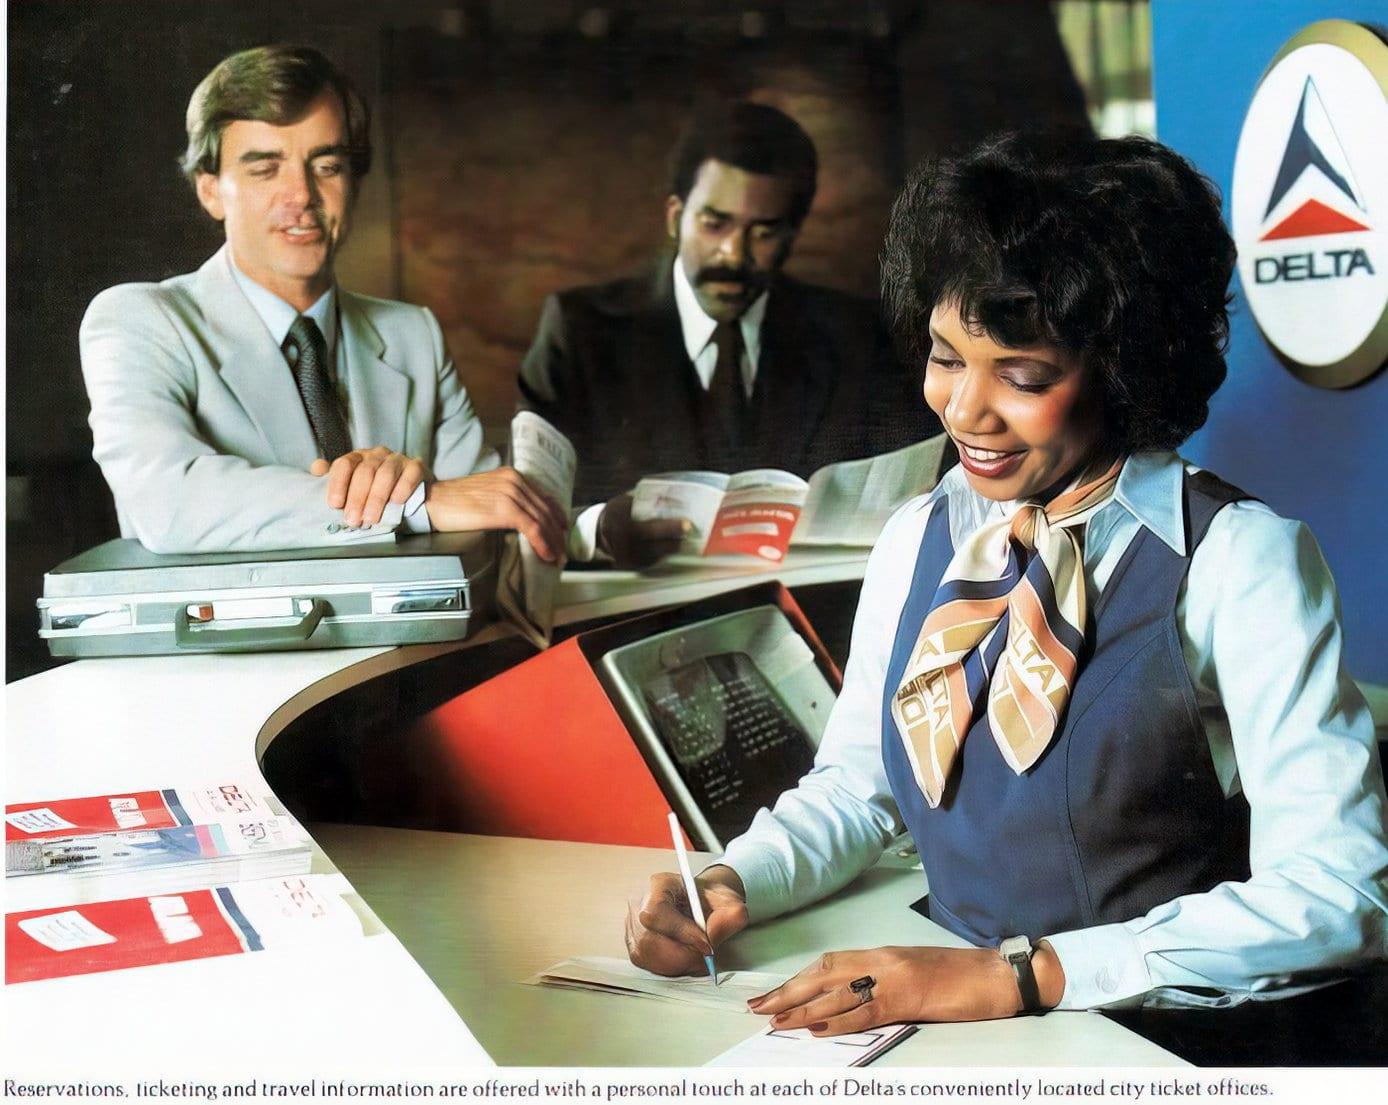 Vintage Delta ticket counter (1981)